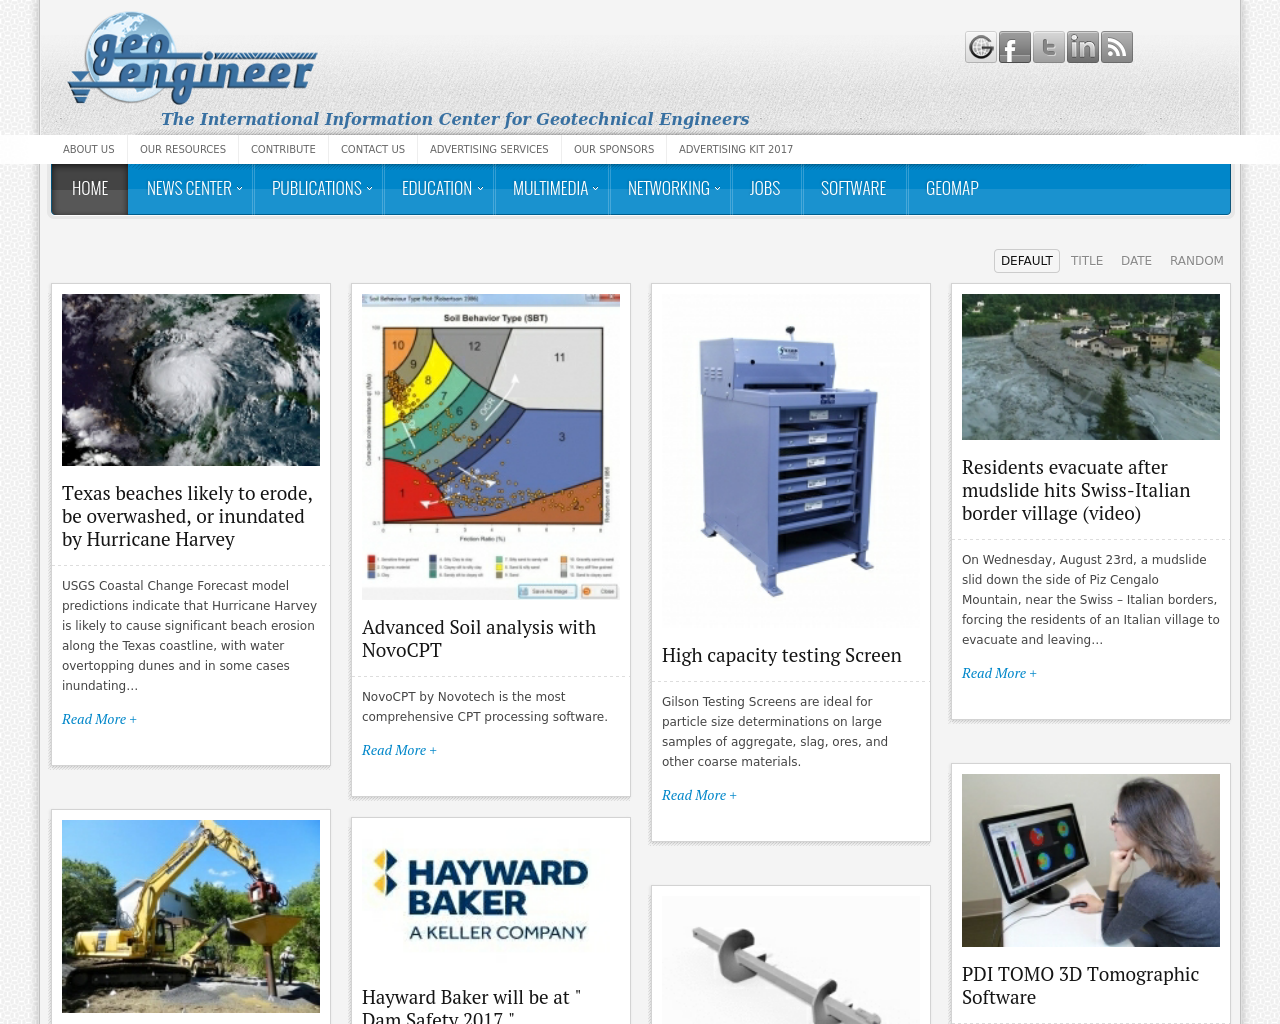 Geo-Engineer-Advertising-Reviews-Pricing